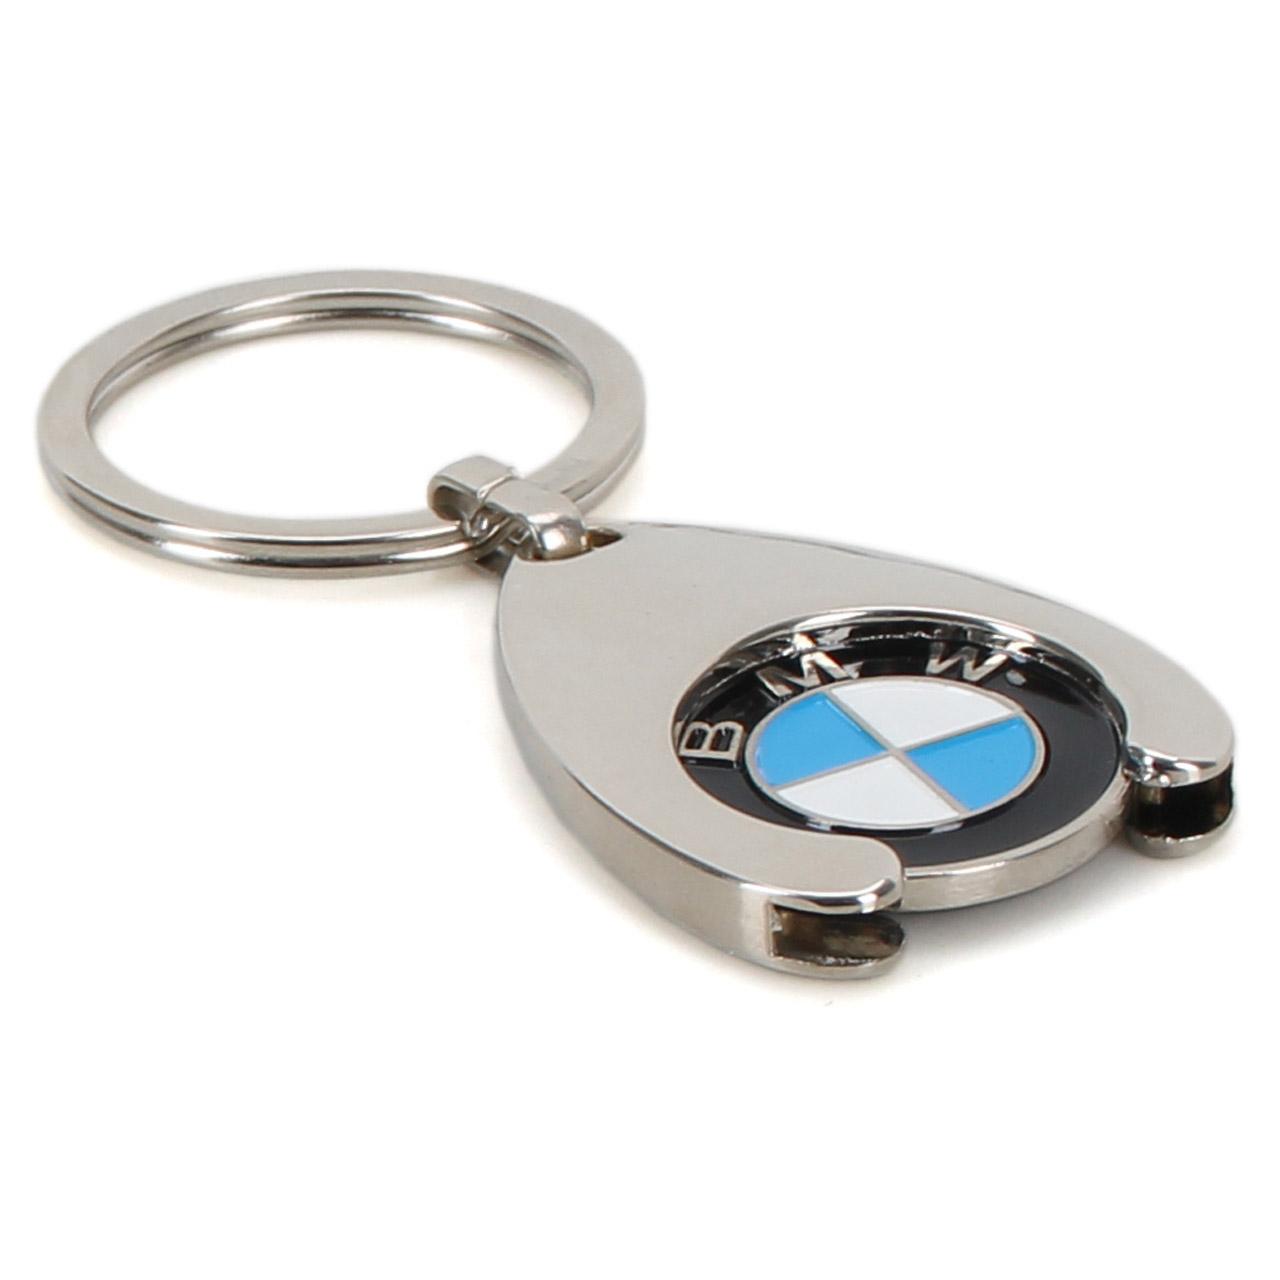 ORIGINAL BMW Schlüsselanhänger + Einkaufschip Chip Einkaufswagen 80272446749